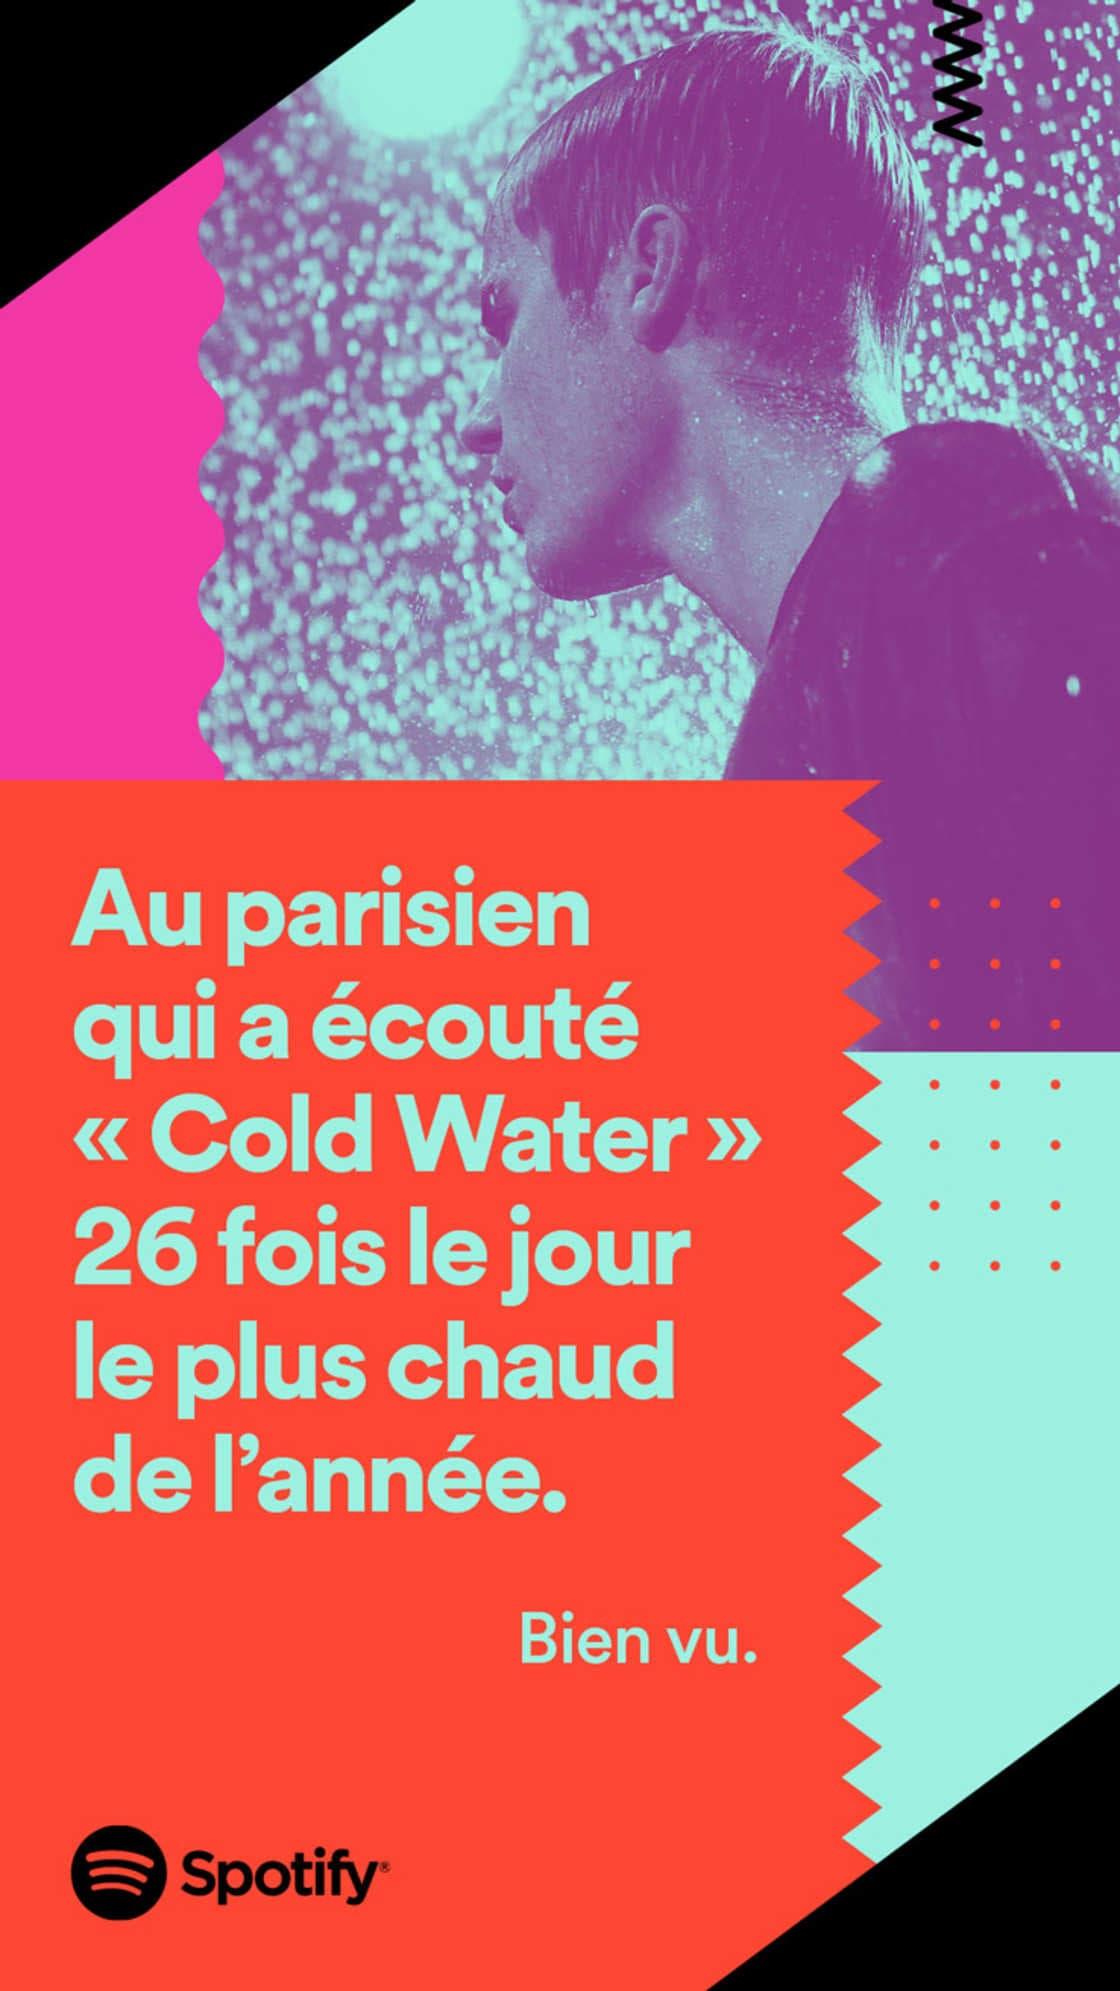 cold-water-ecoute-26-fois-le-jour-le-plus-chaud-de-l-annee